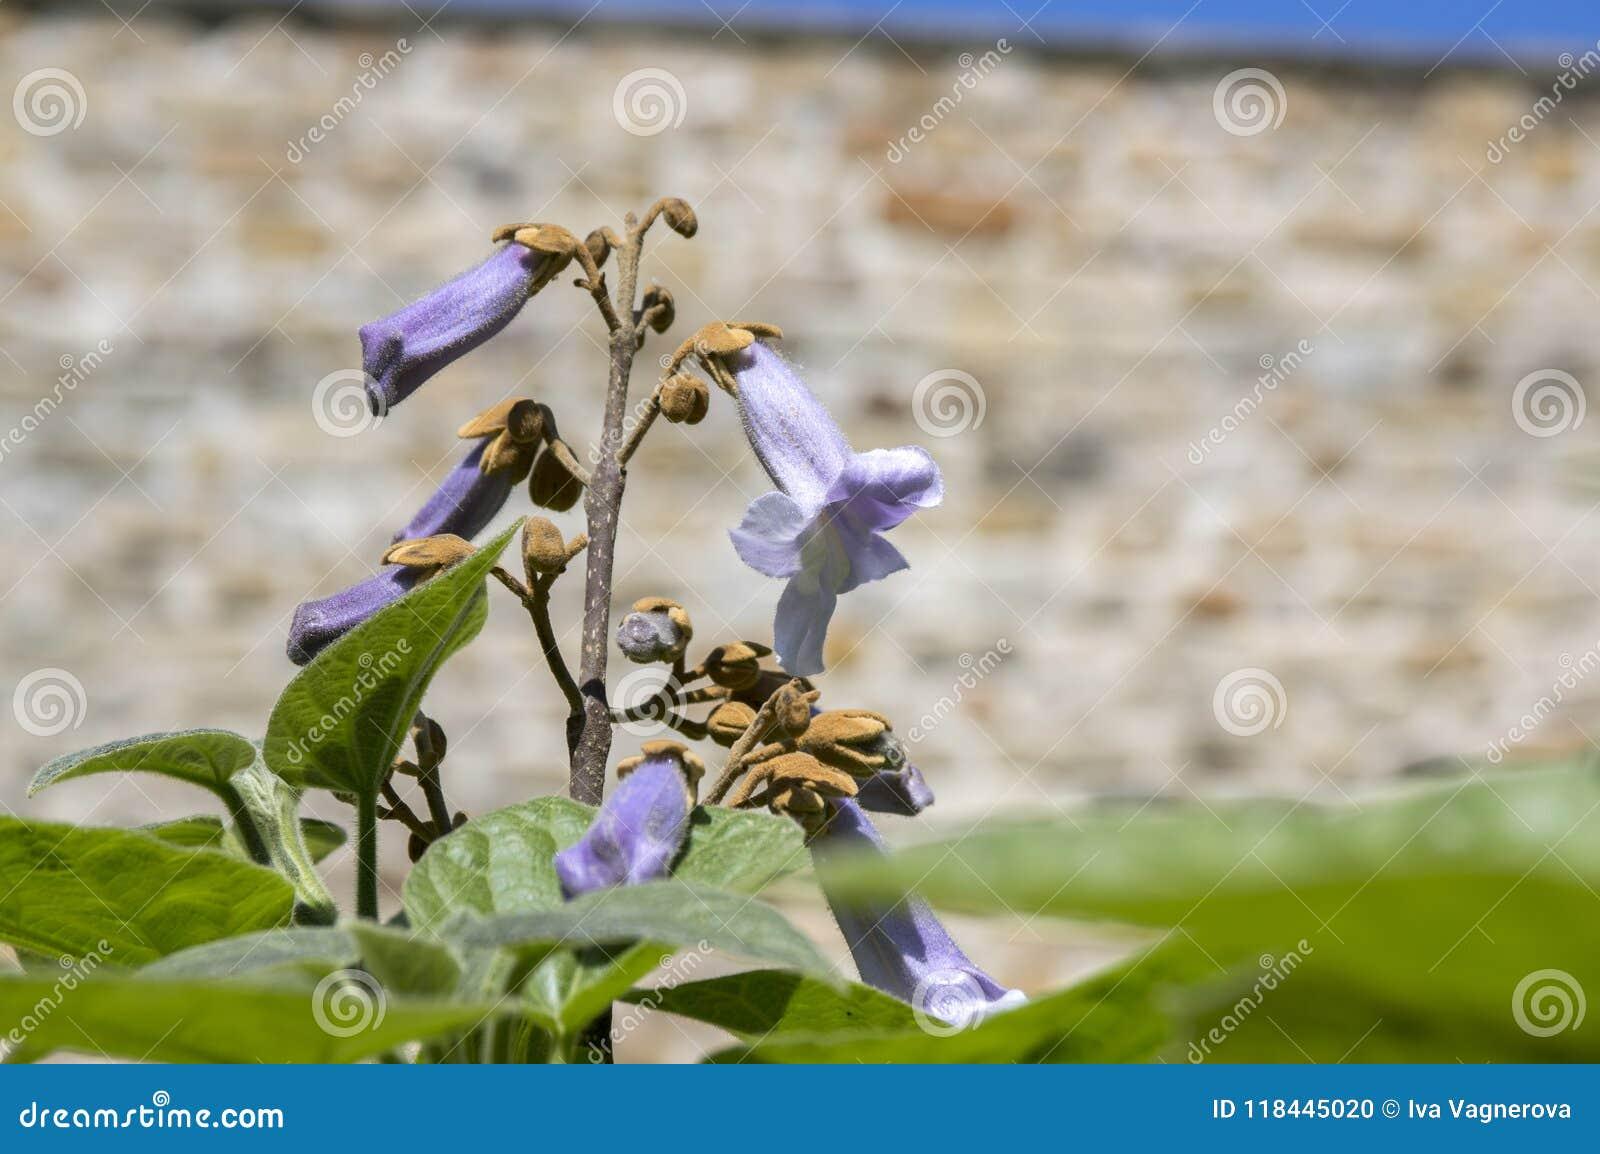 Albero di fioritura ornamentale di paulownia tomentosa, rami con le foglie verdi, semi e fiori di campana viola